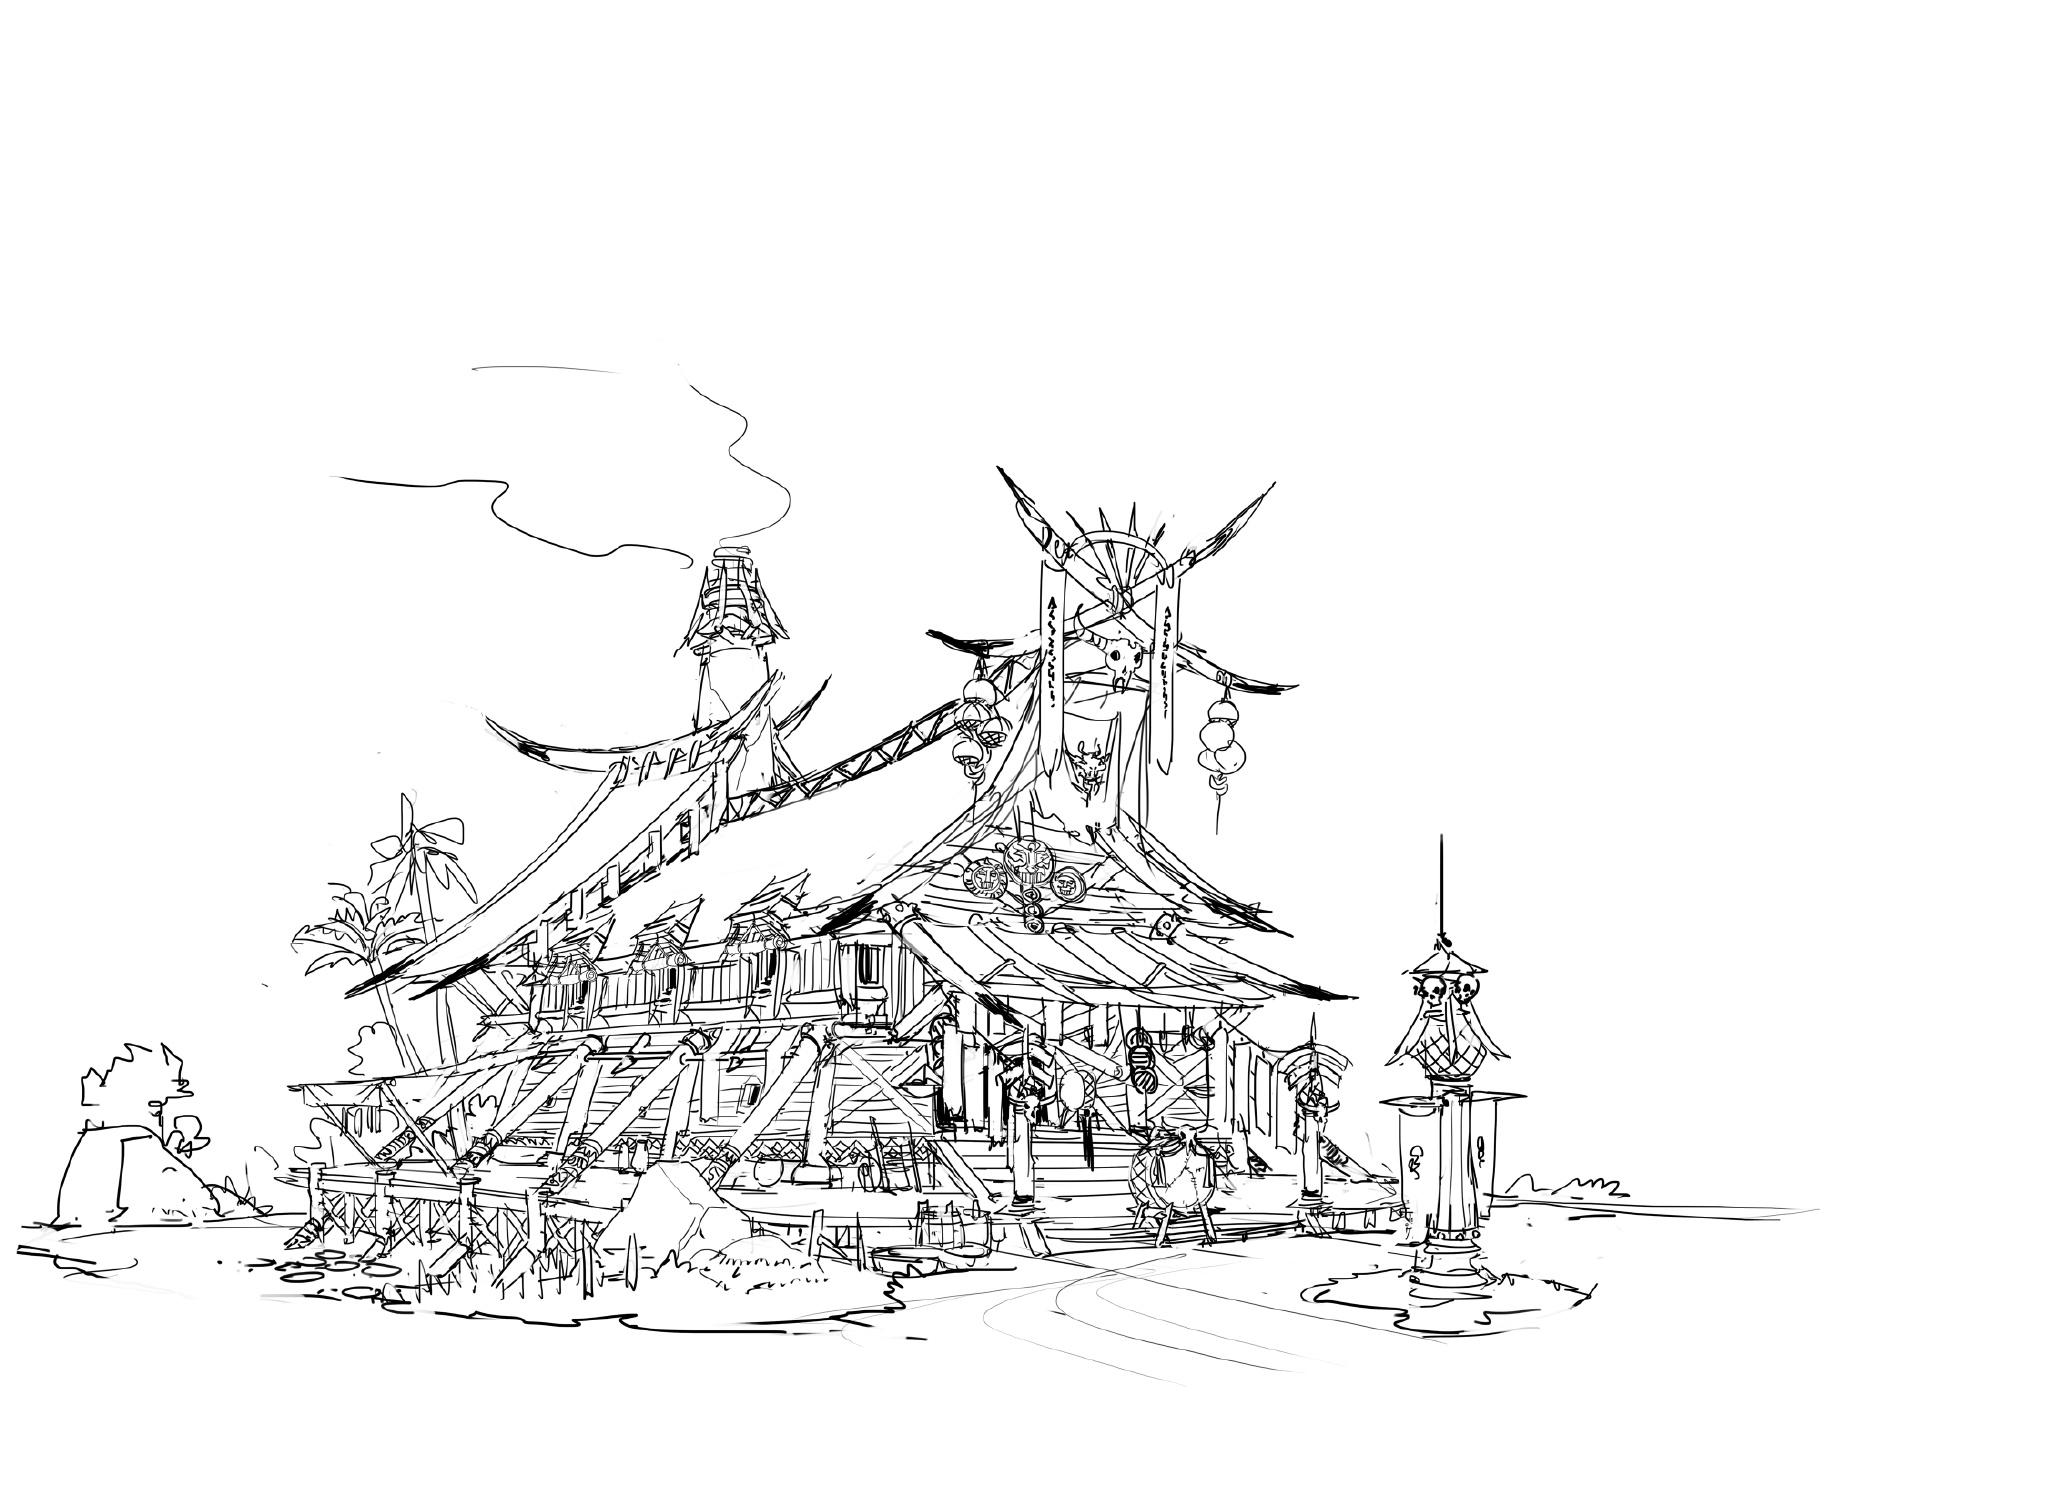 游戏原画场景设计 部落建筑详细过程图1